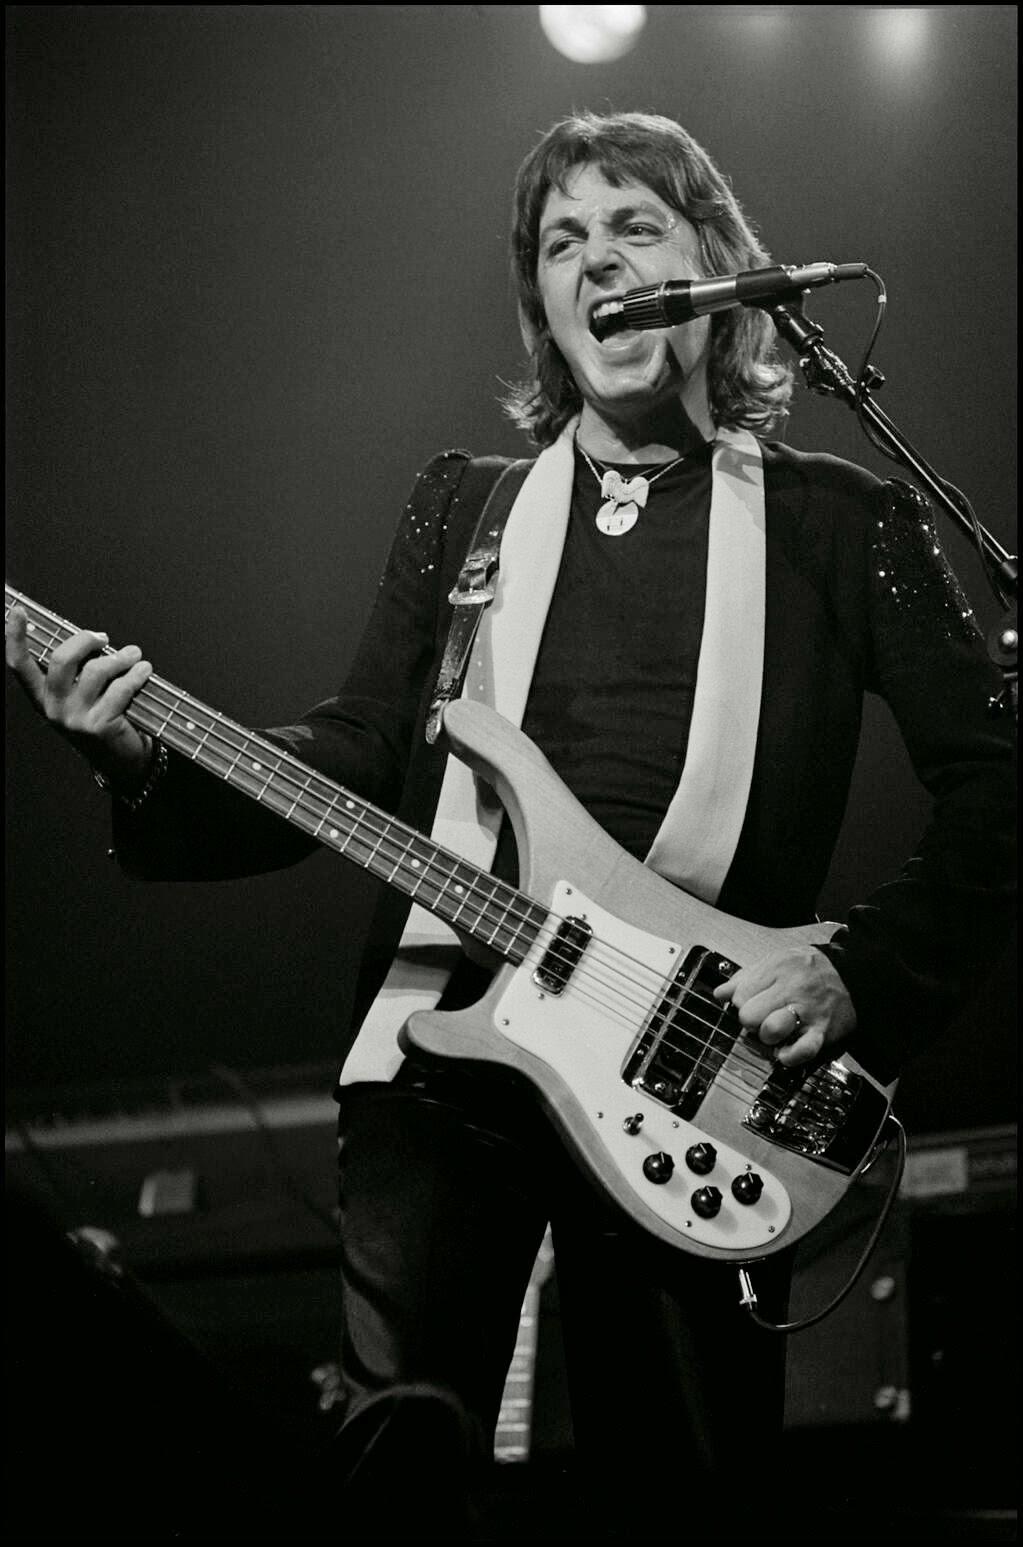 paul mccartney - photo #42